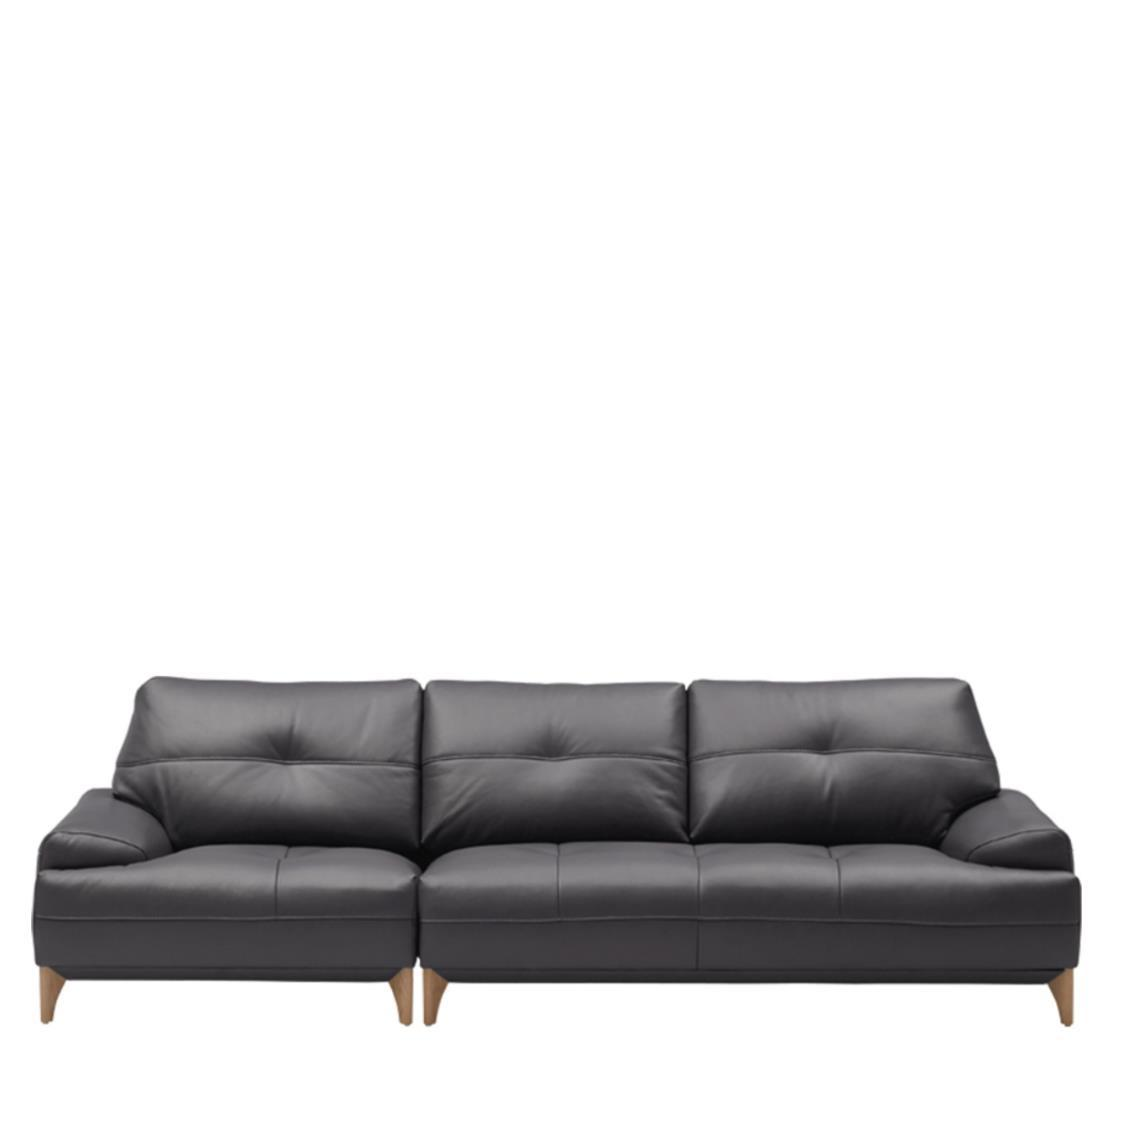 Iloom Boston Leather Sofa For 4  L391 Shadow Grey